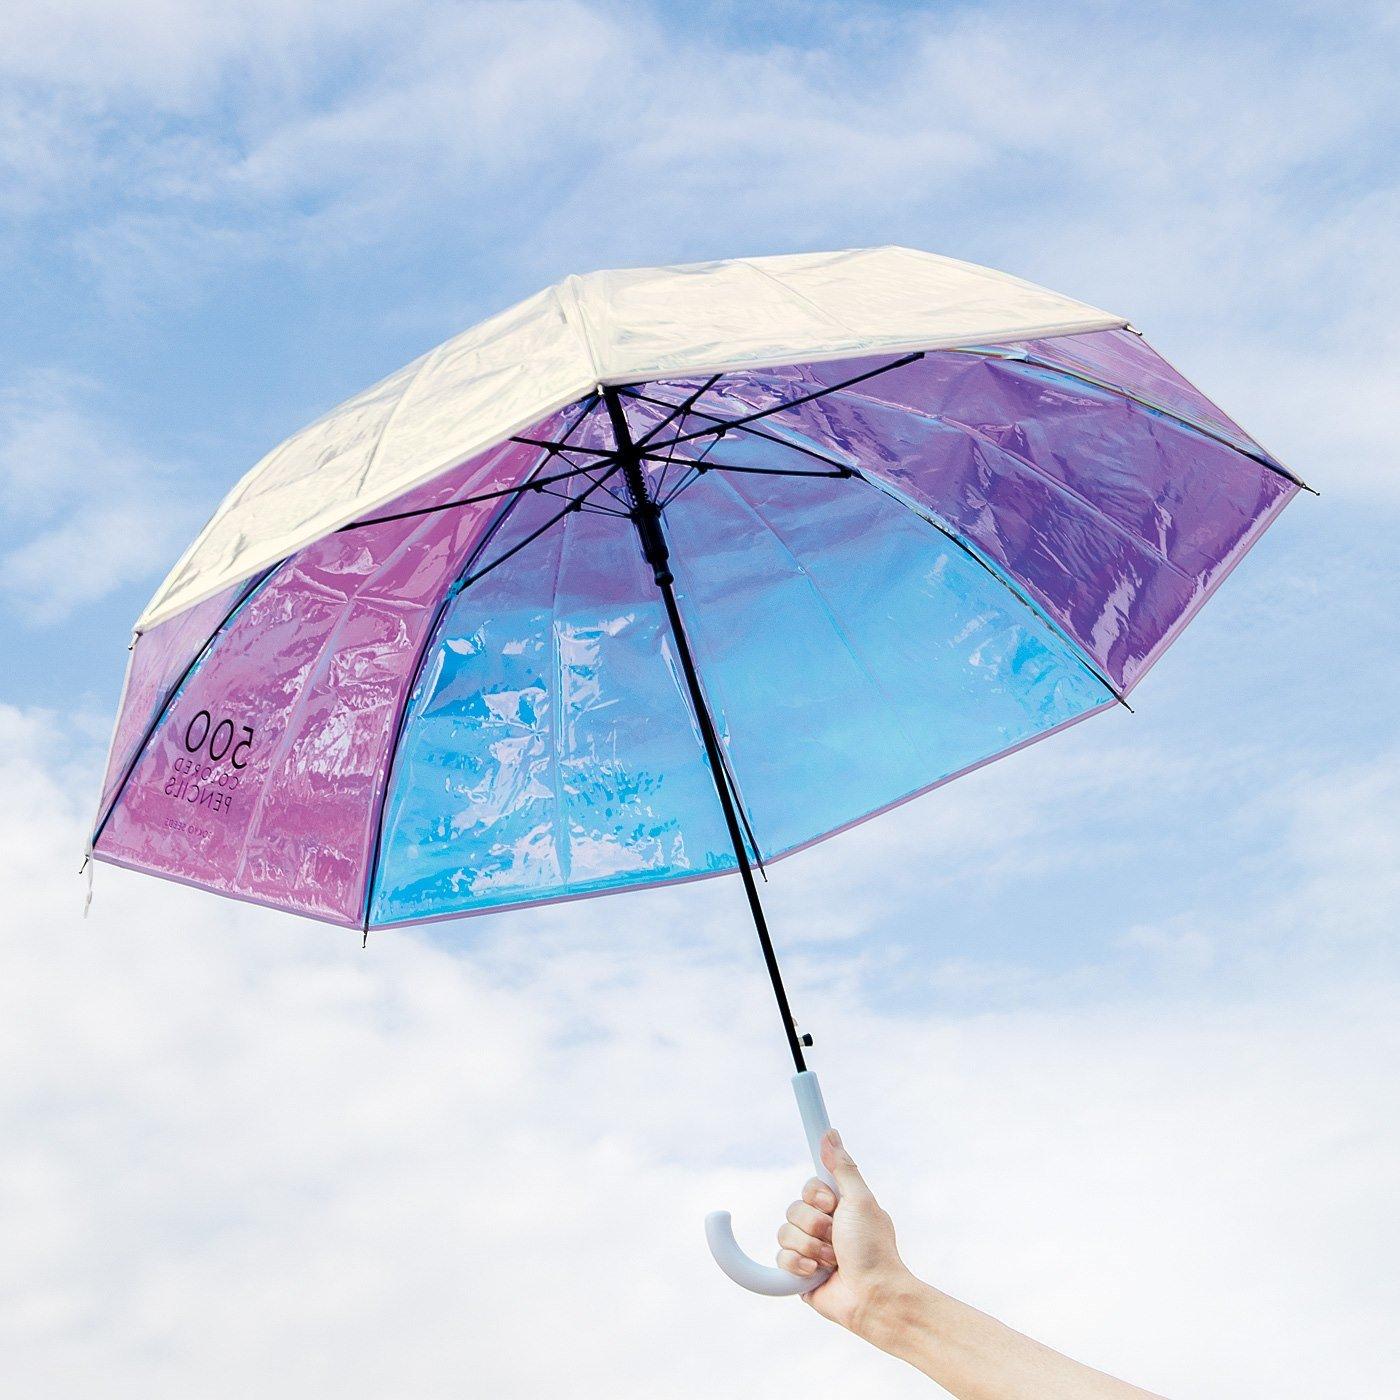 500色の色えんぴつ TOKYO SEEDS見上げればいつもオーロラ傘